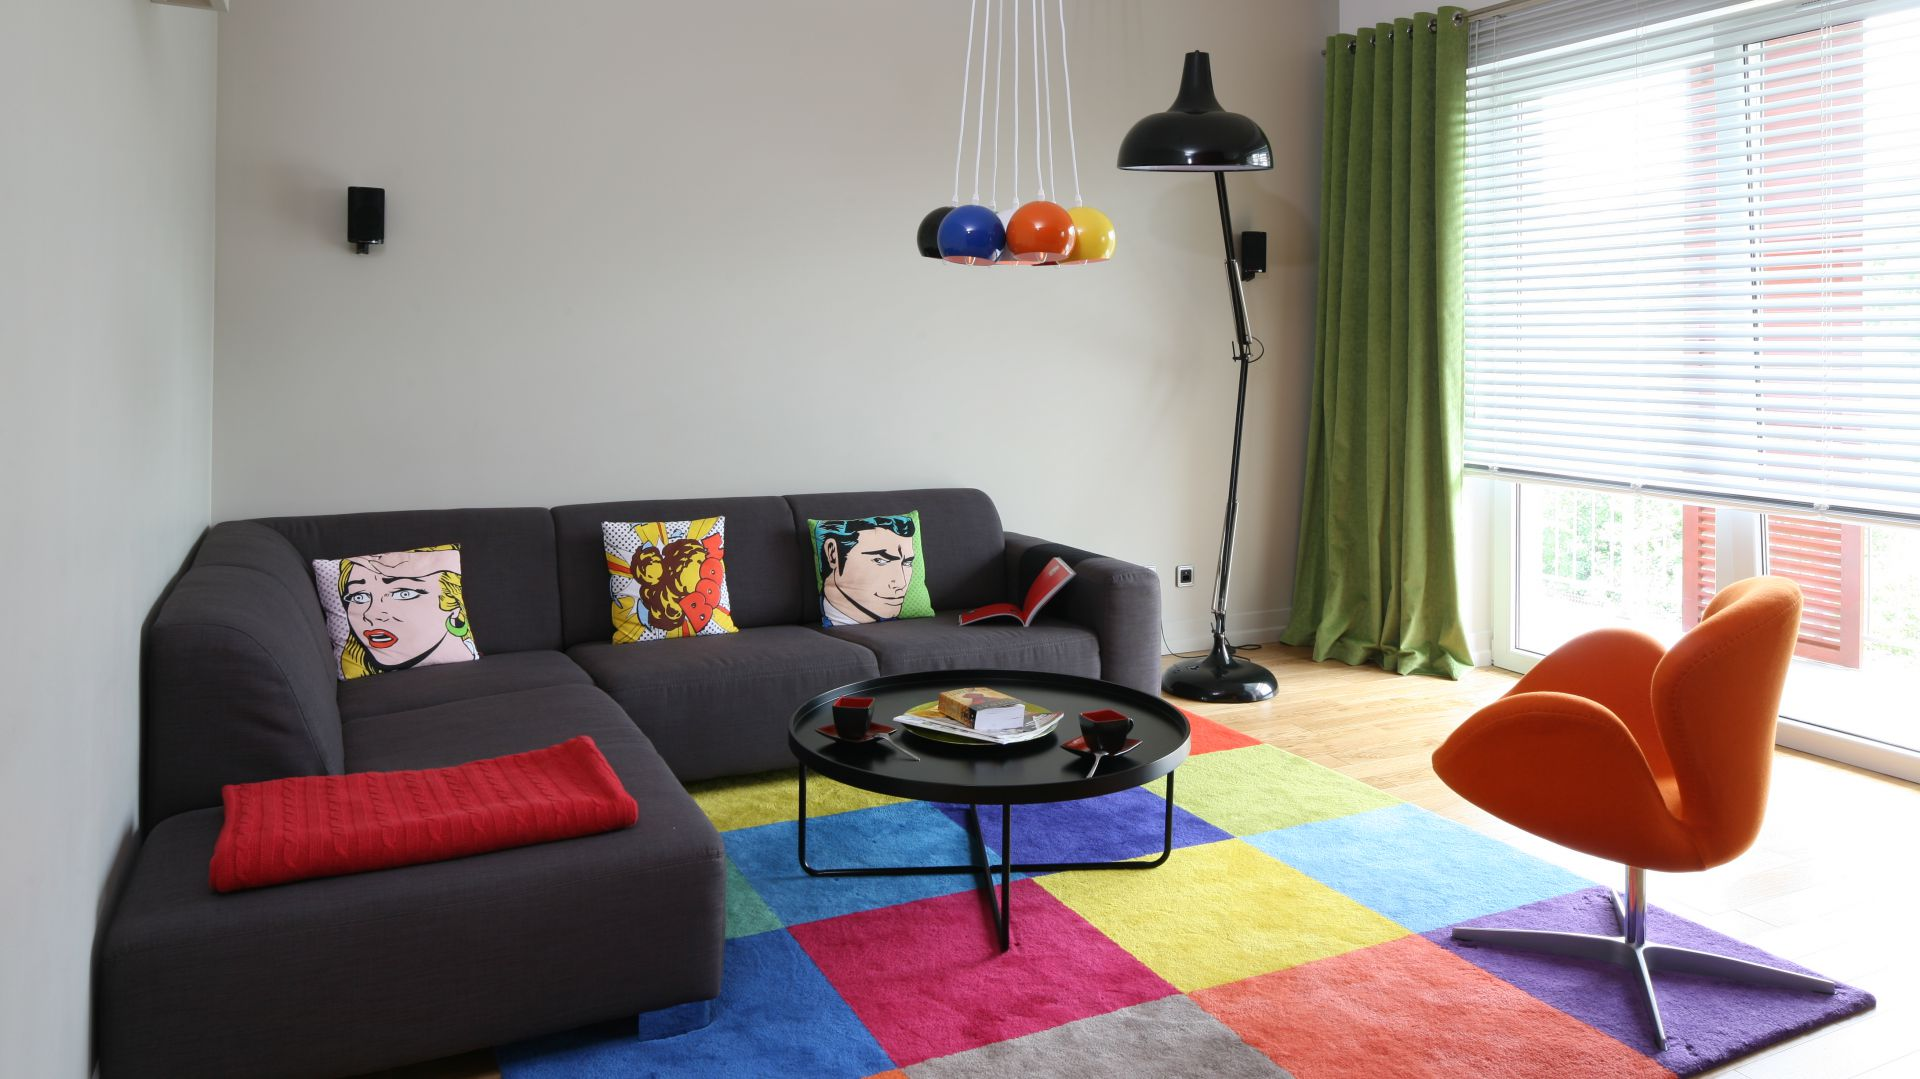 Kolor w salonie - piękne zdjęcia